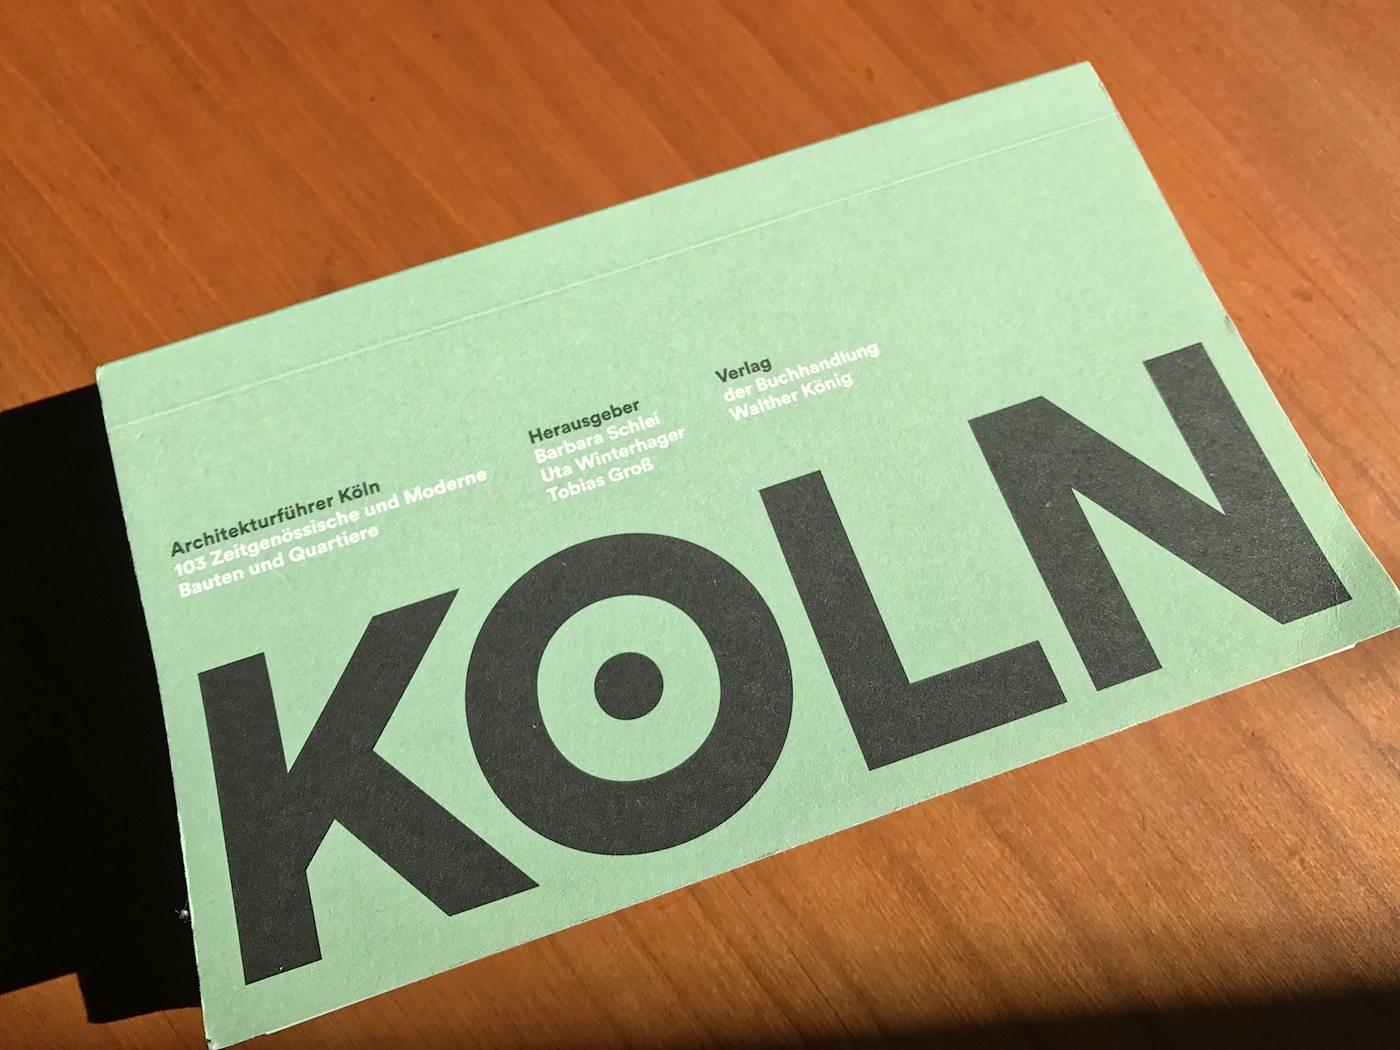 Architekturführer Köln.  Herausgegeben von Barbara Schlei, Uta Winterhager und Tobias Groß.